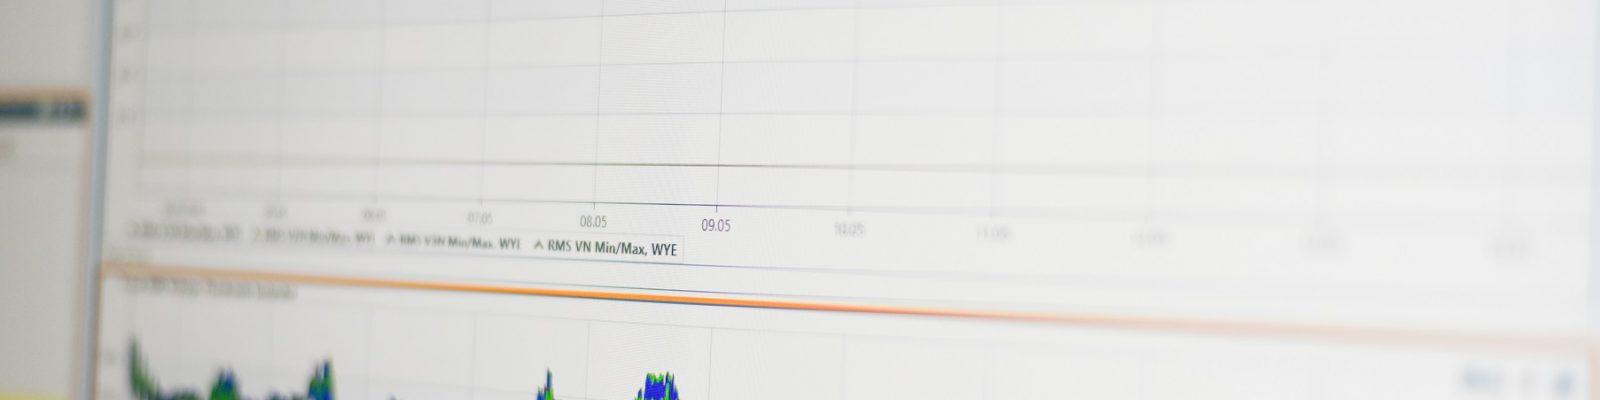 Måling av spenningskvalitet og nettanalyse